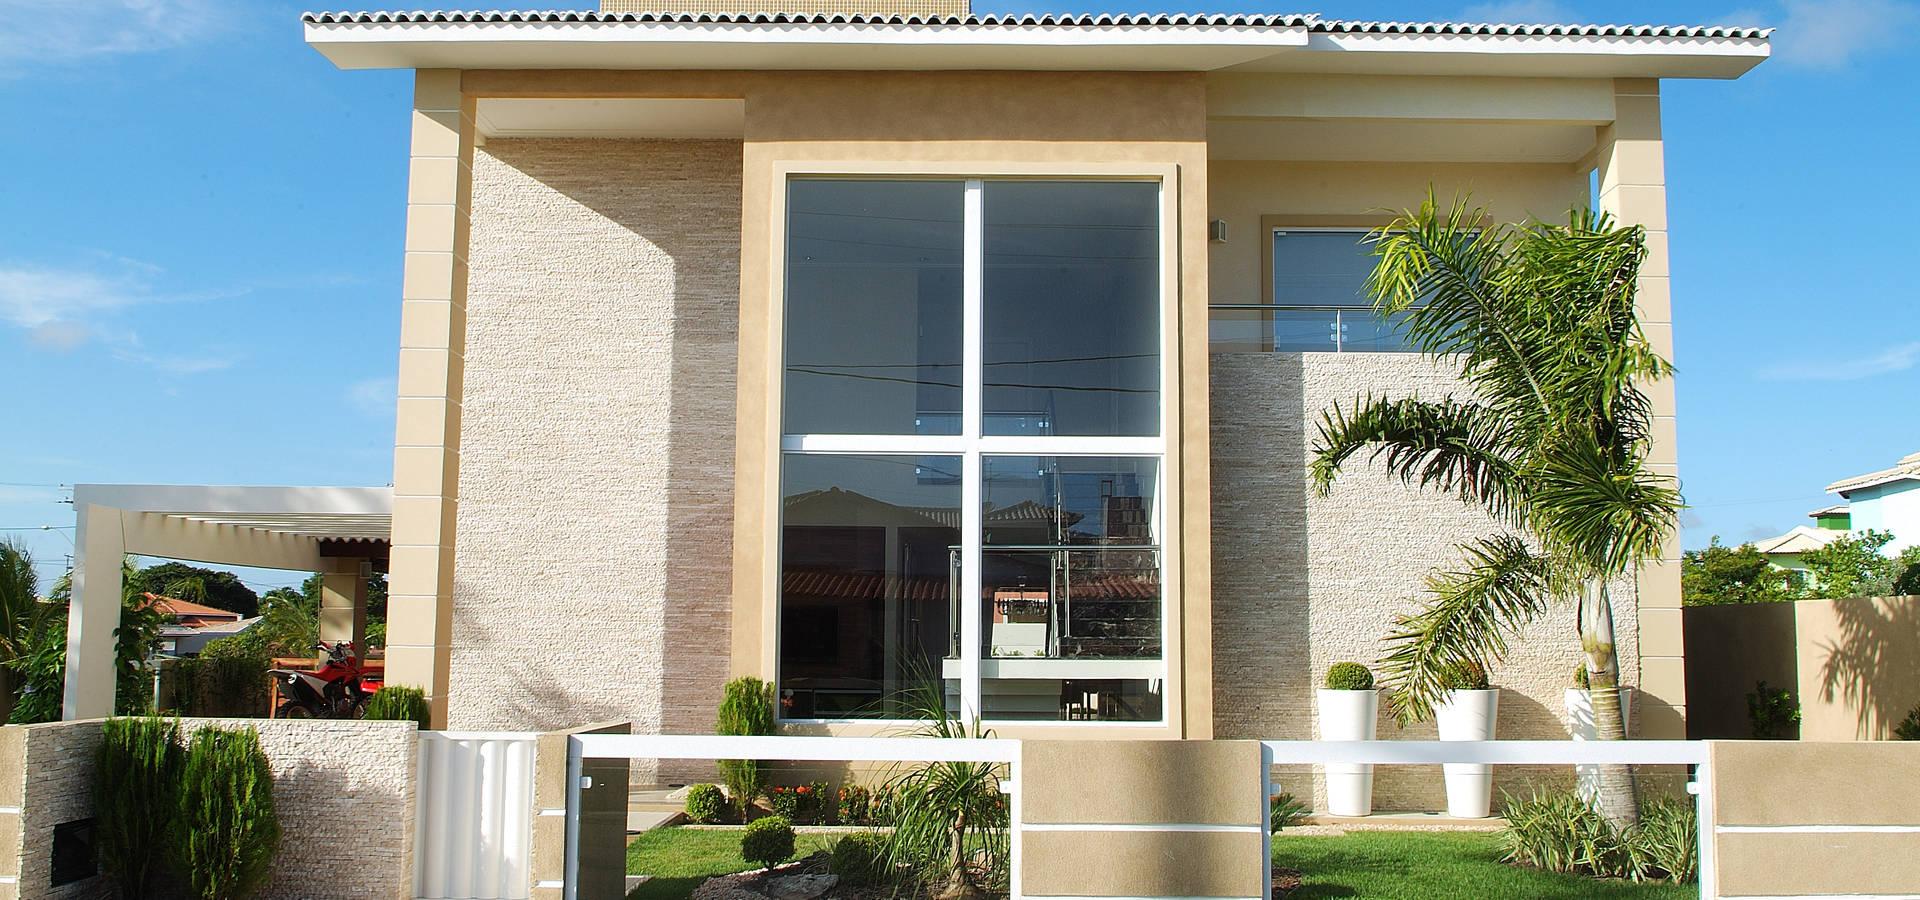 Bernal Projetos – Arquitetos em Salvador